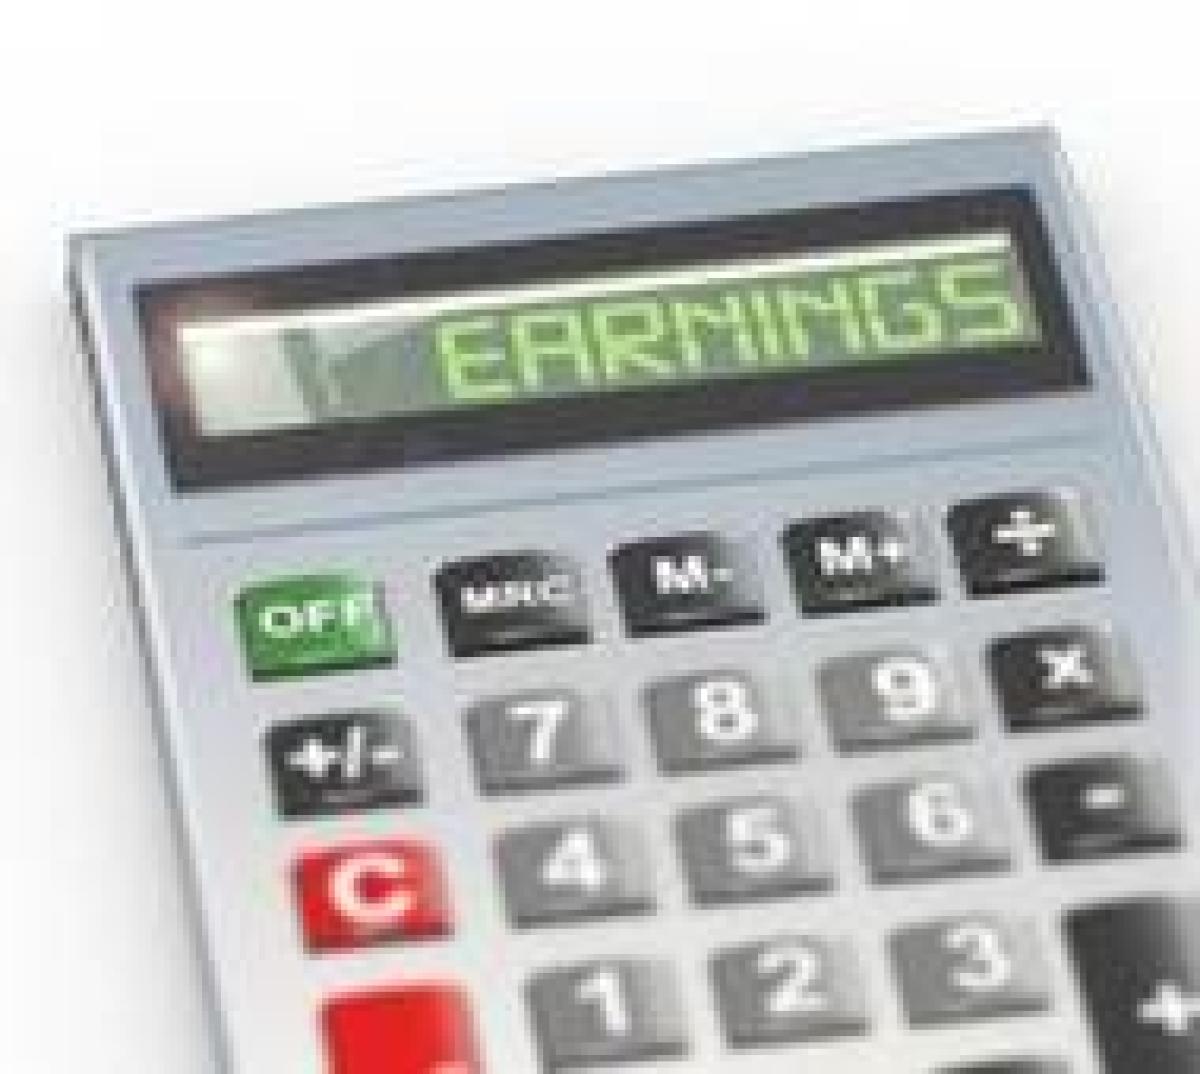 Bandhan Bank racks up Rs 275-cr net profit